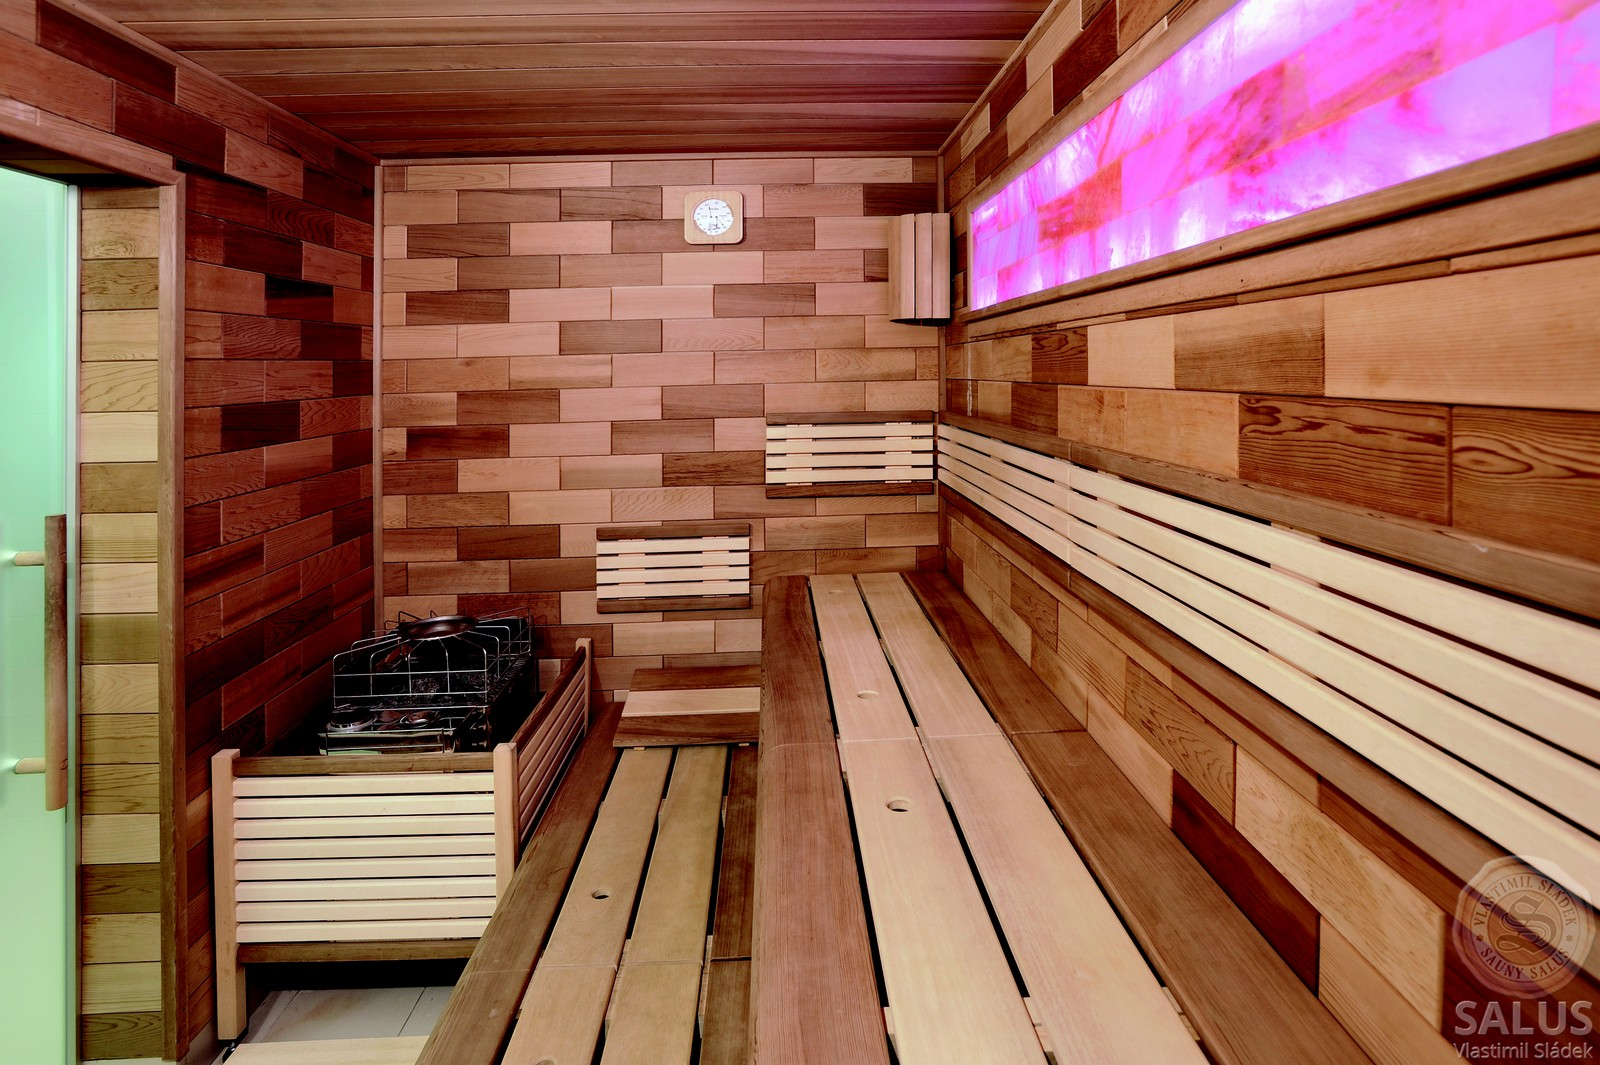 Sareza Solná sauna